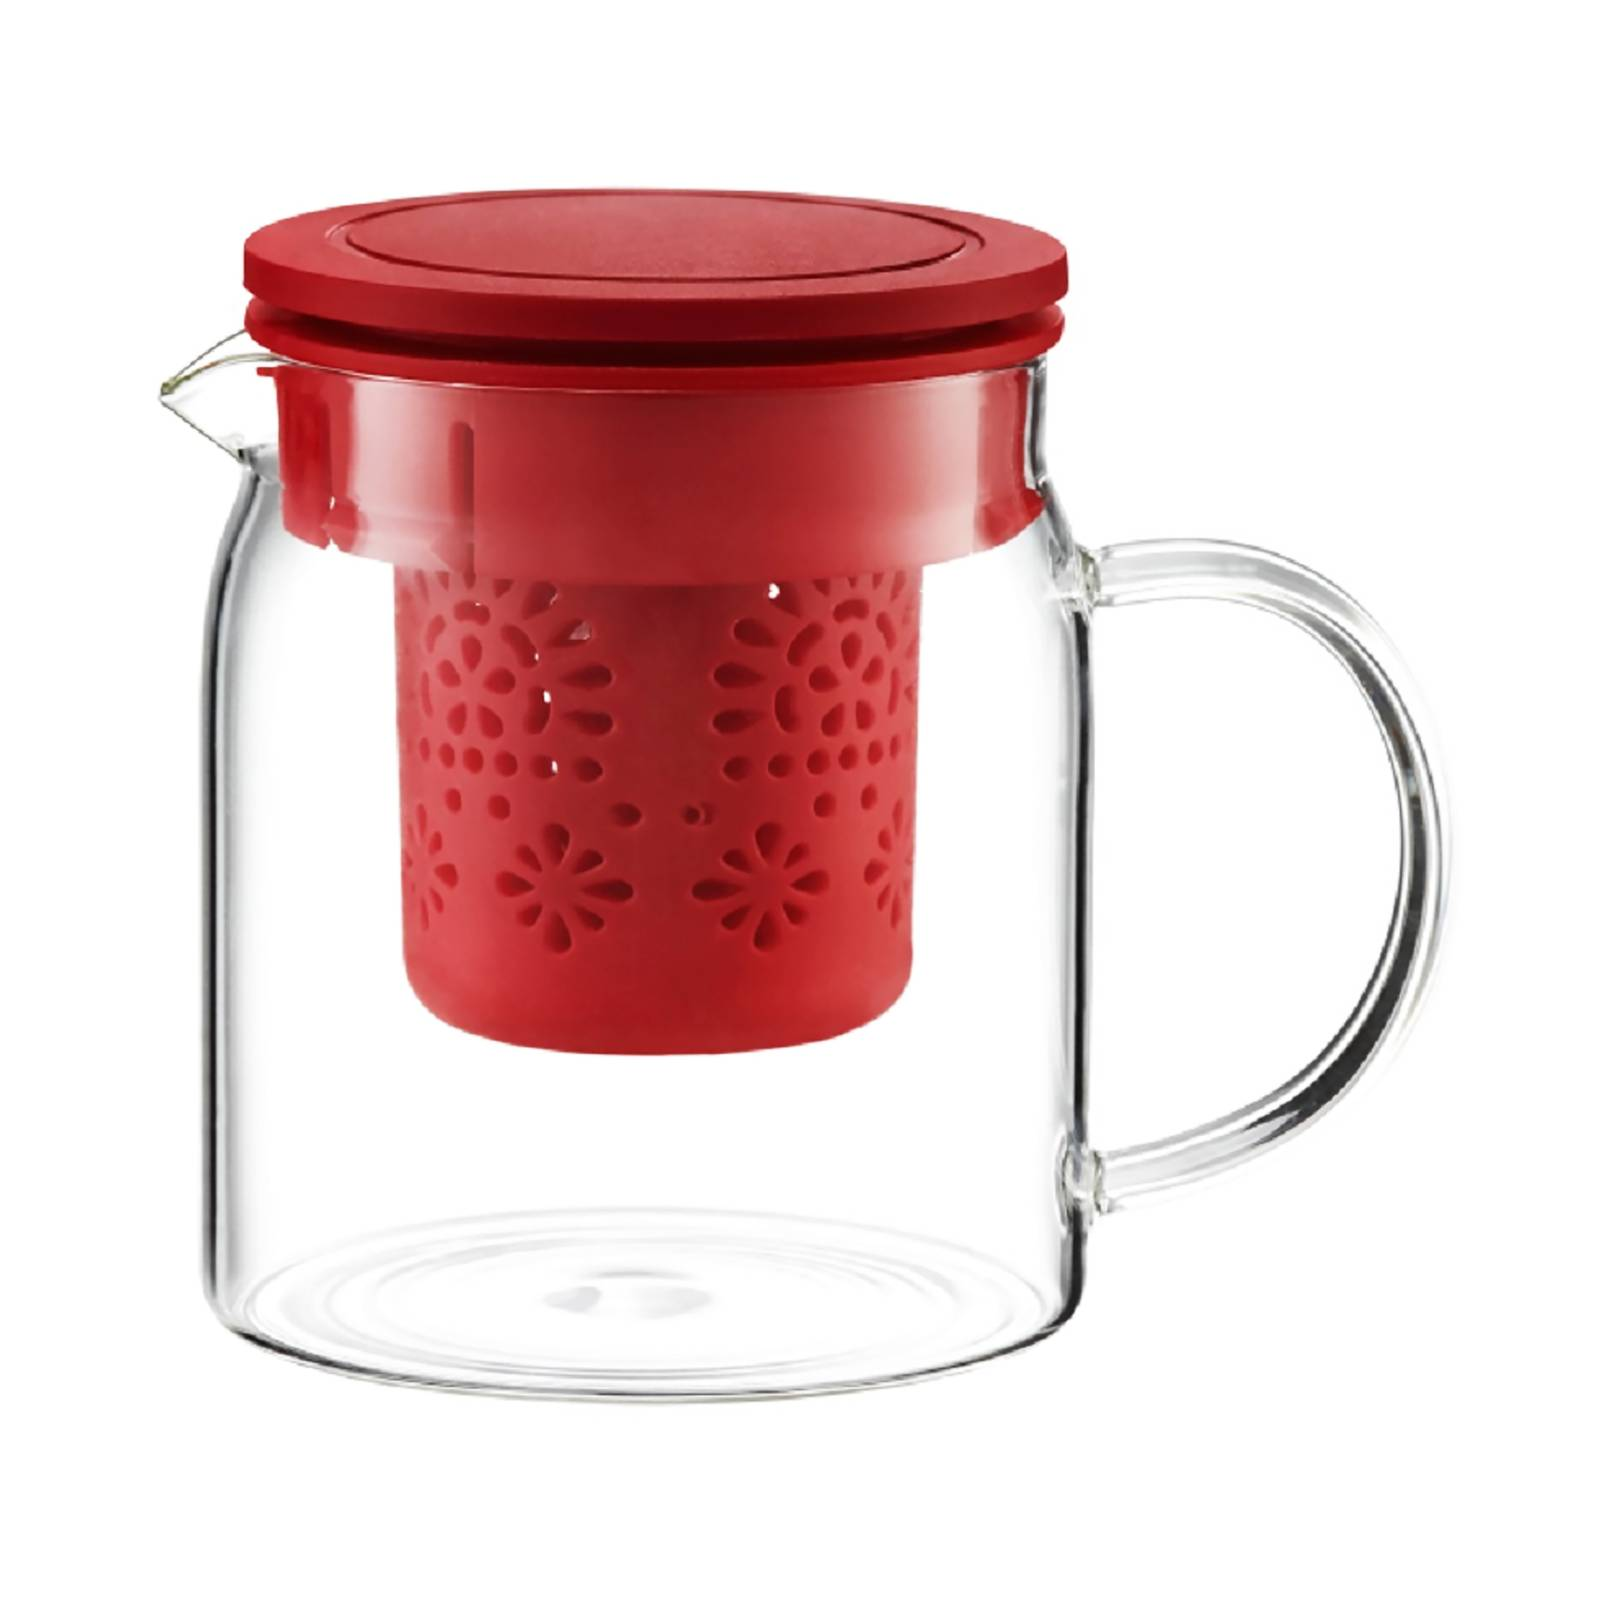 Krug Subtele mit Teesieb und Deckel rot  800 ml  AMBITION